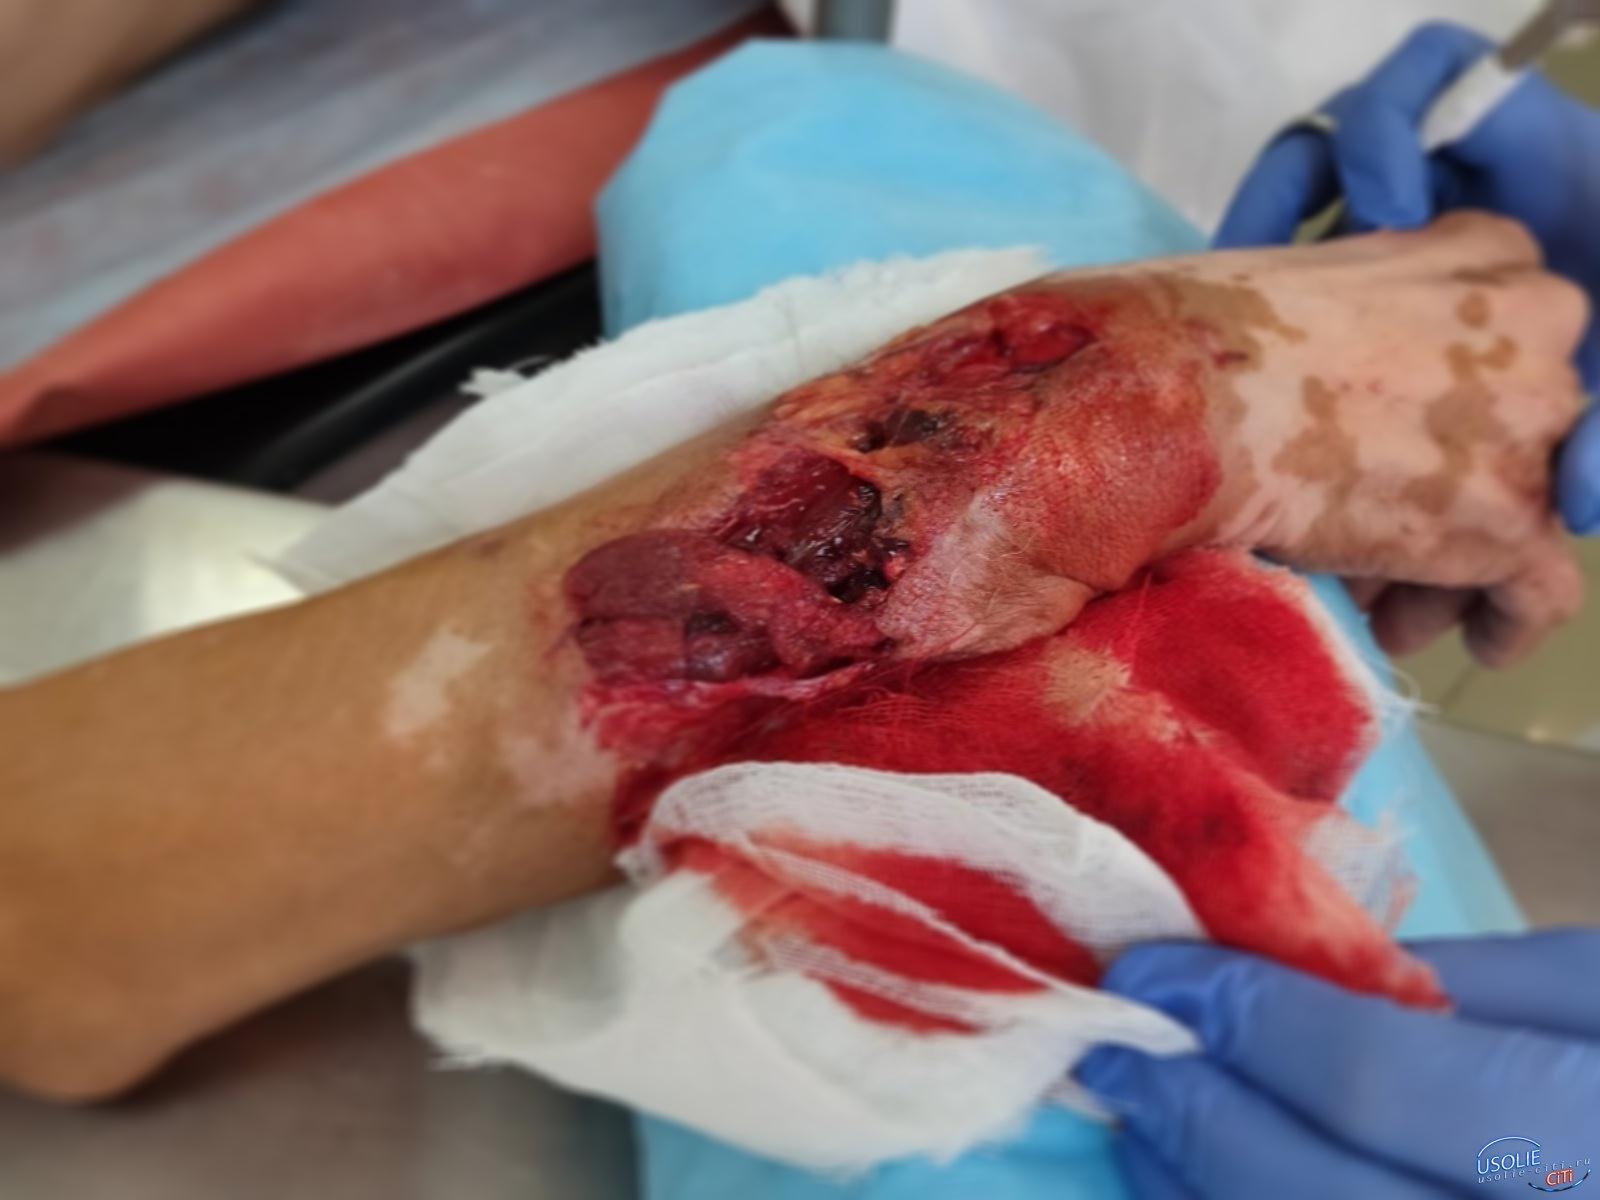 Вырвала кусок человеческого мяса и съела:В Усолье собака изуродовала пенсионерку